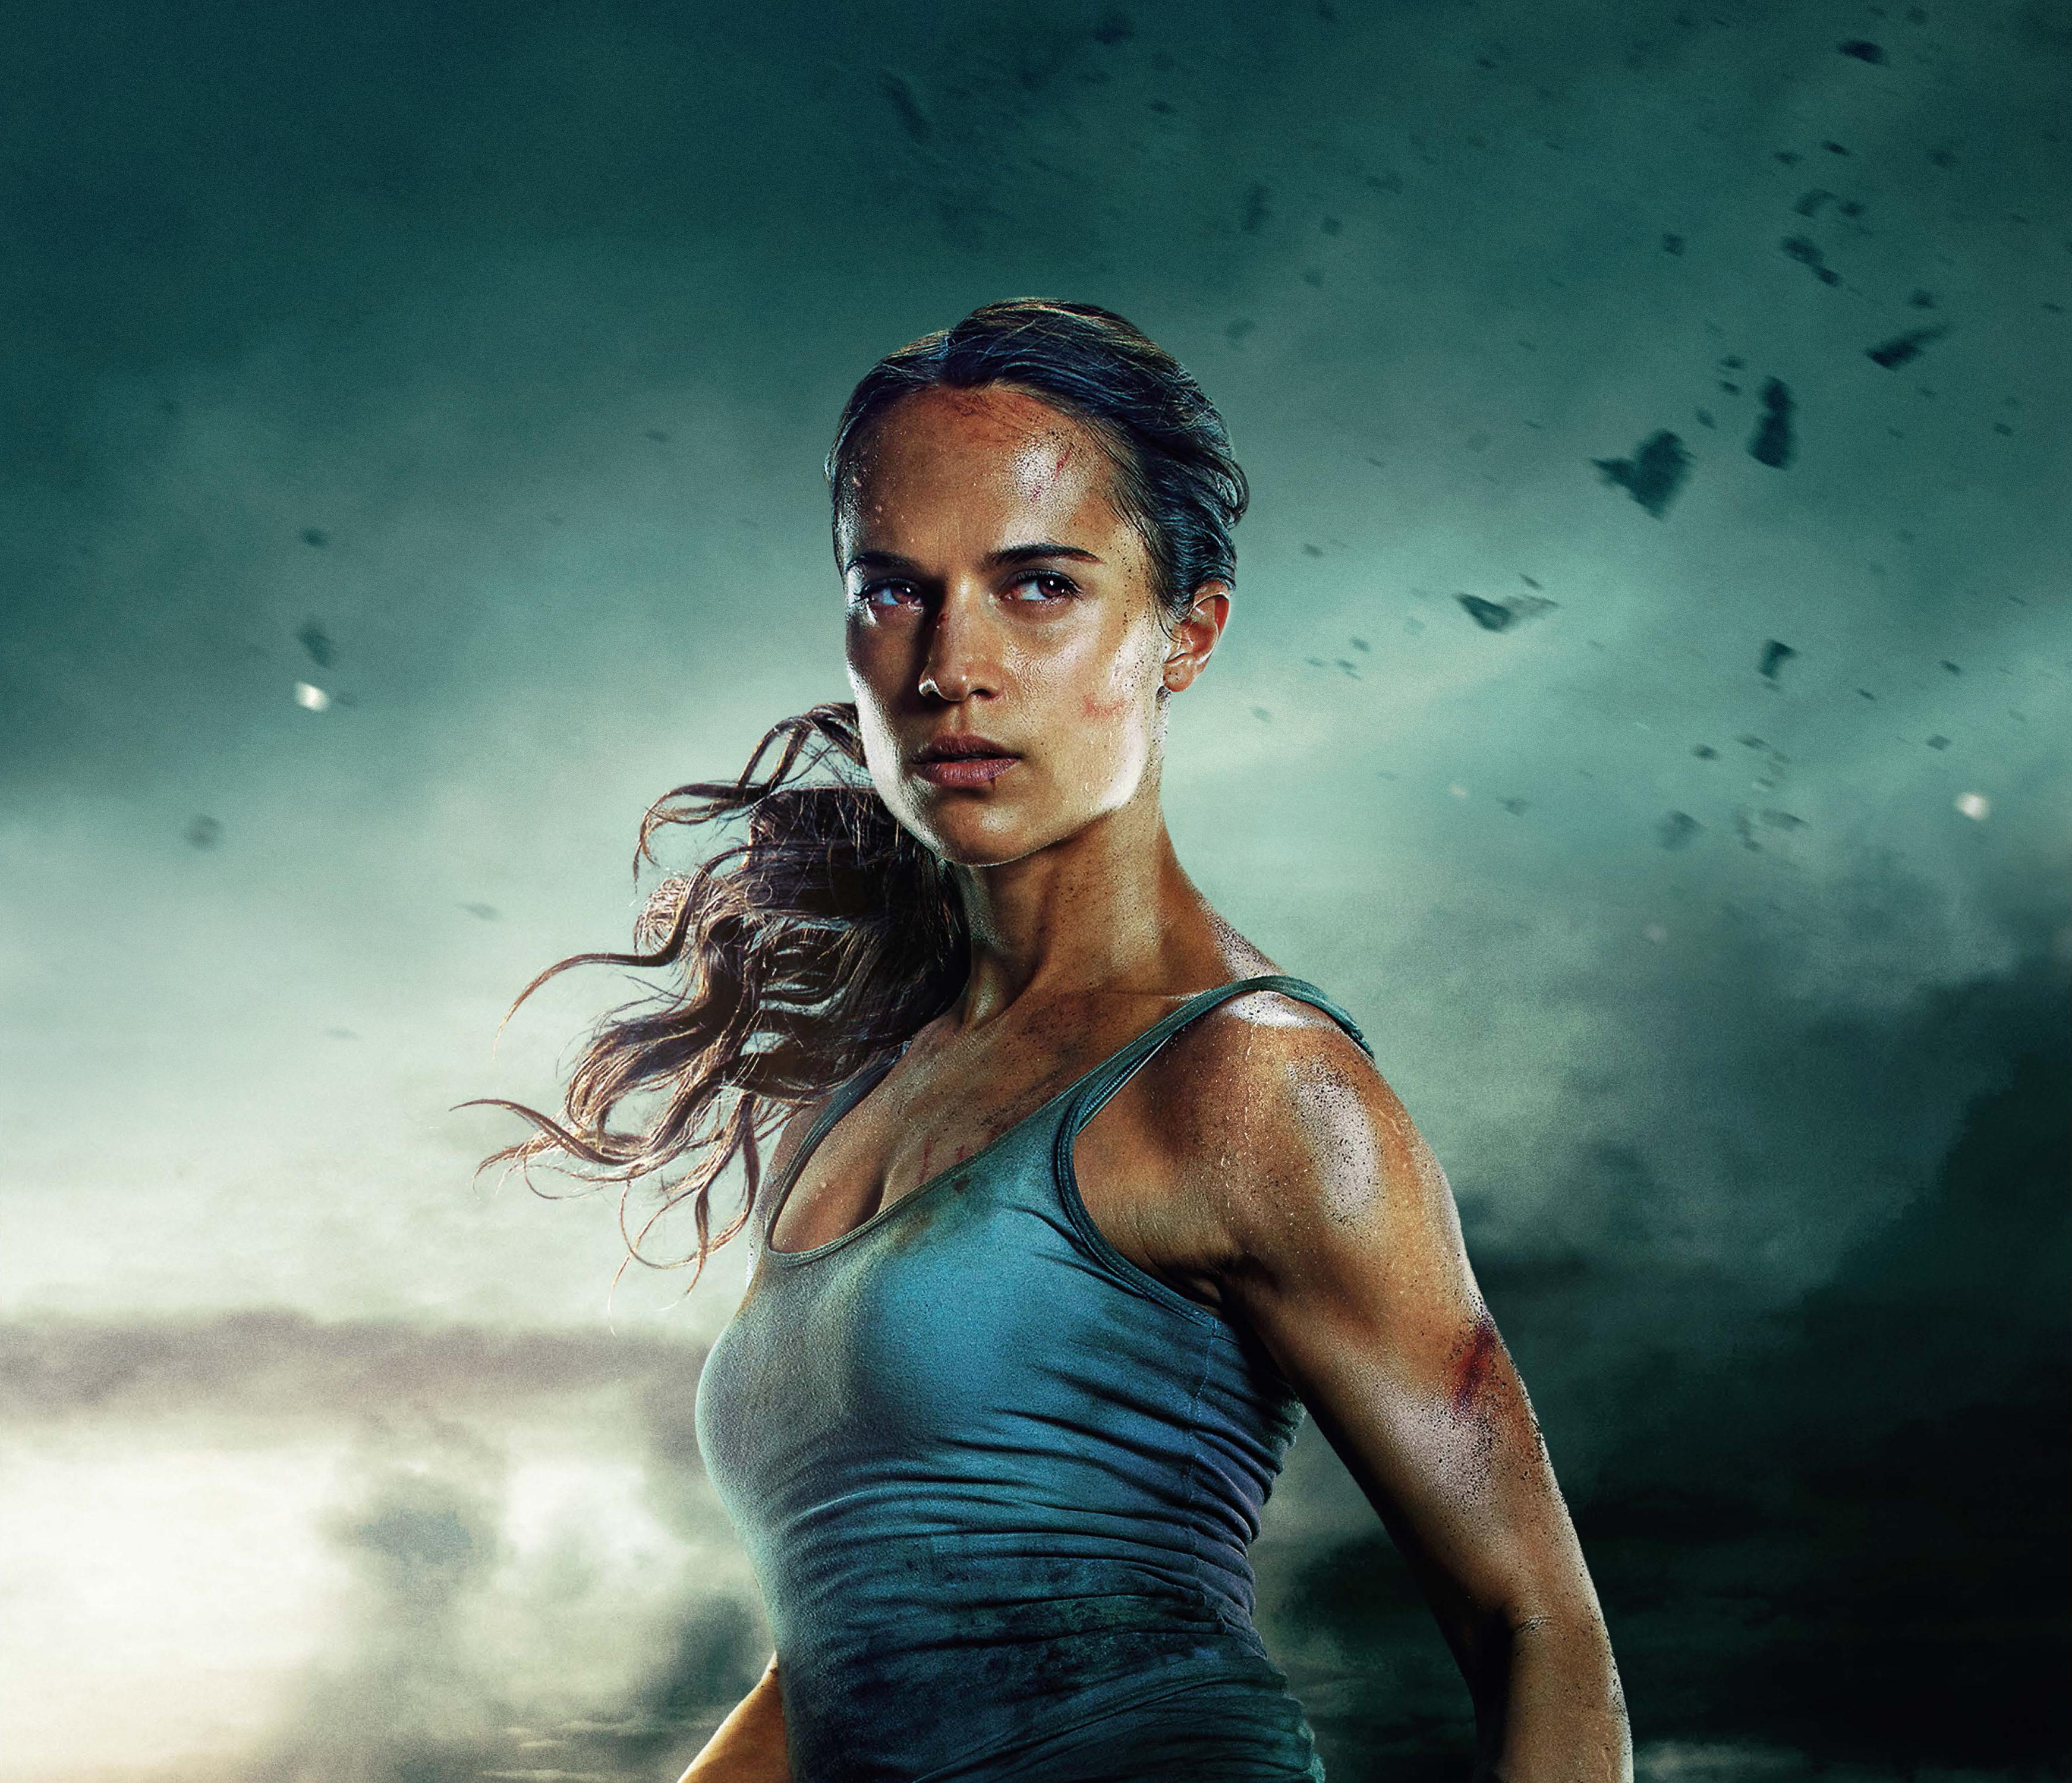 Wallpaper Tomb Raider 2018: Tomb Raider 2018 Alicia Vikander 4k, HD Movies, 4k